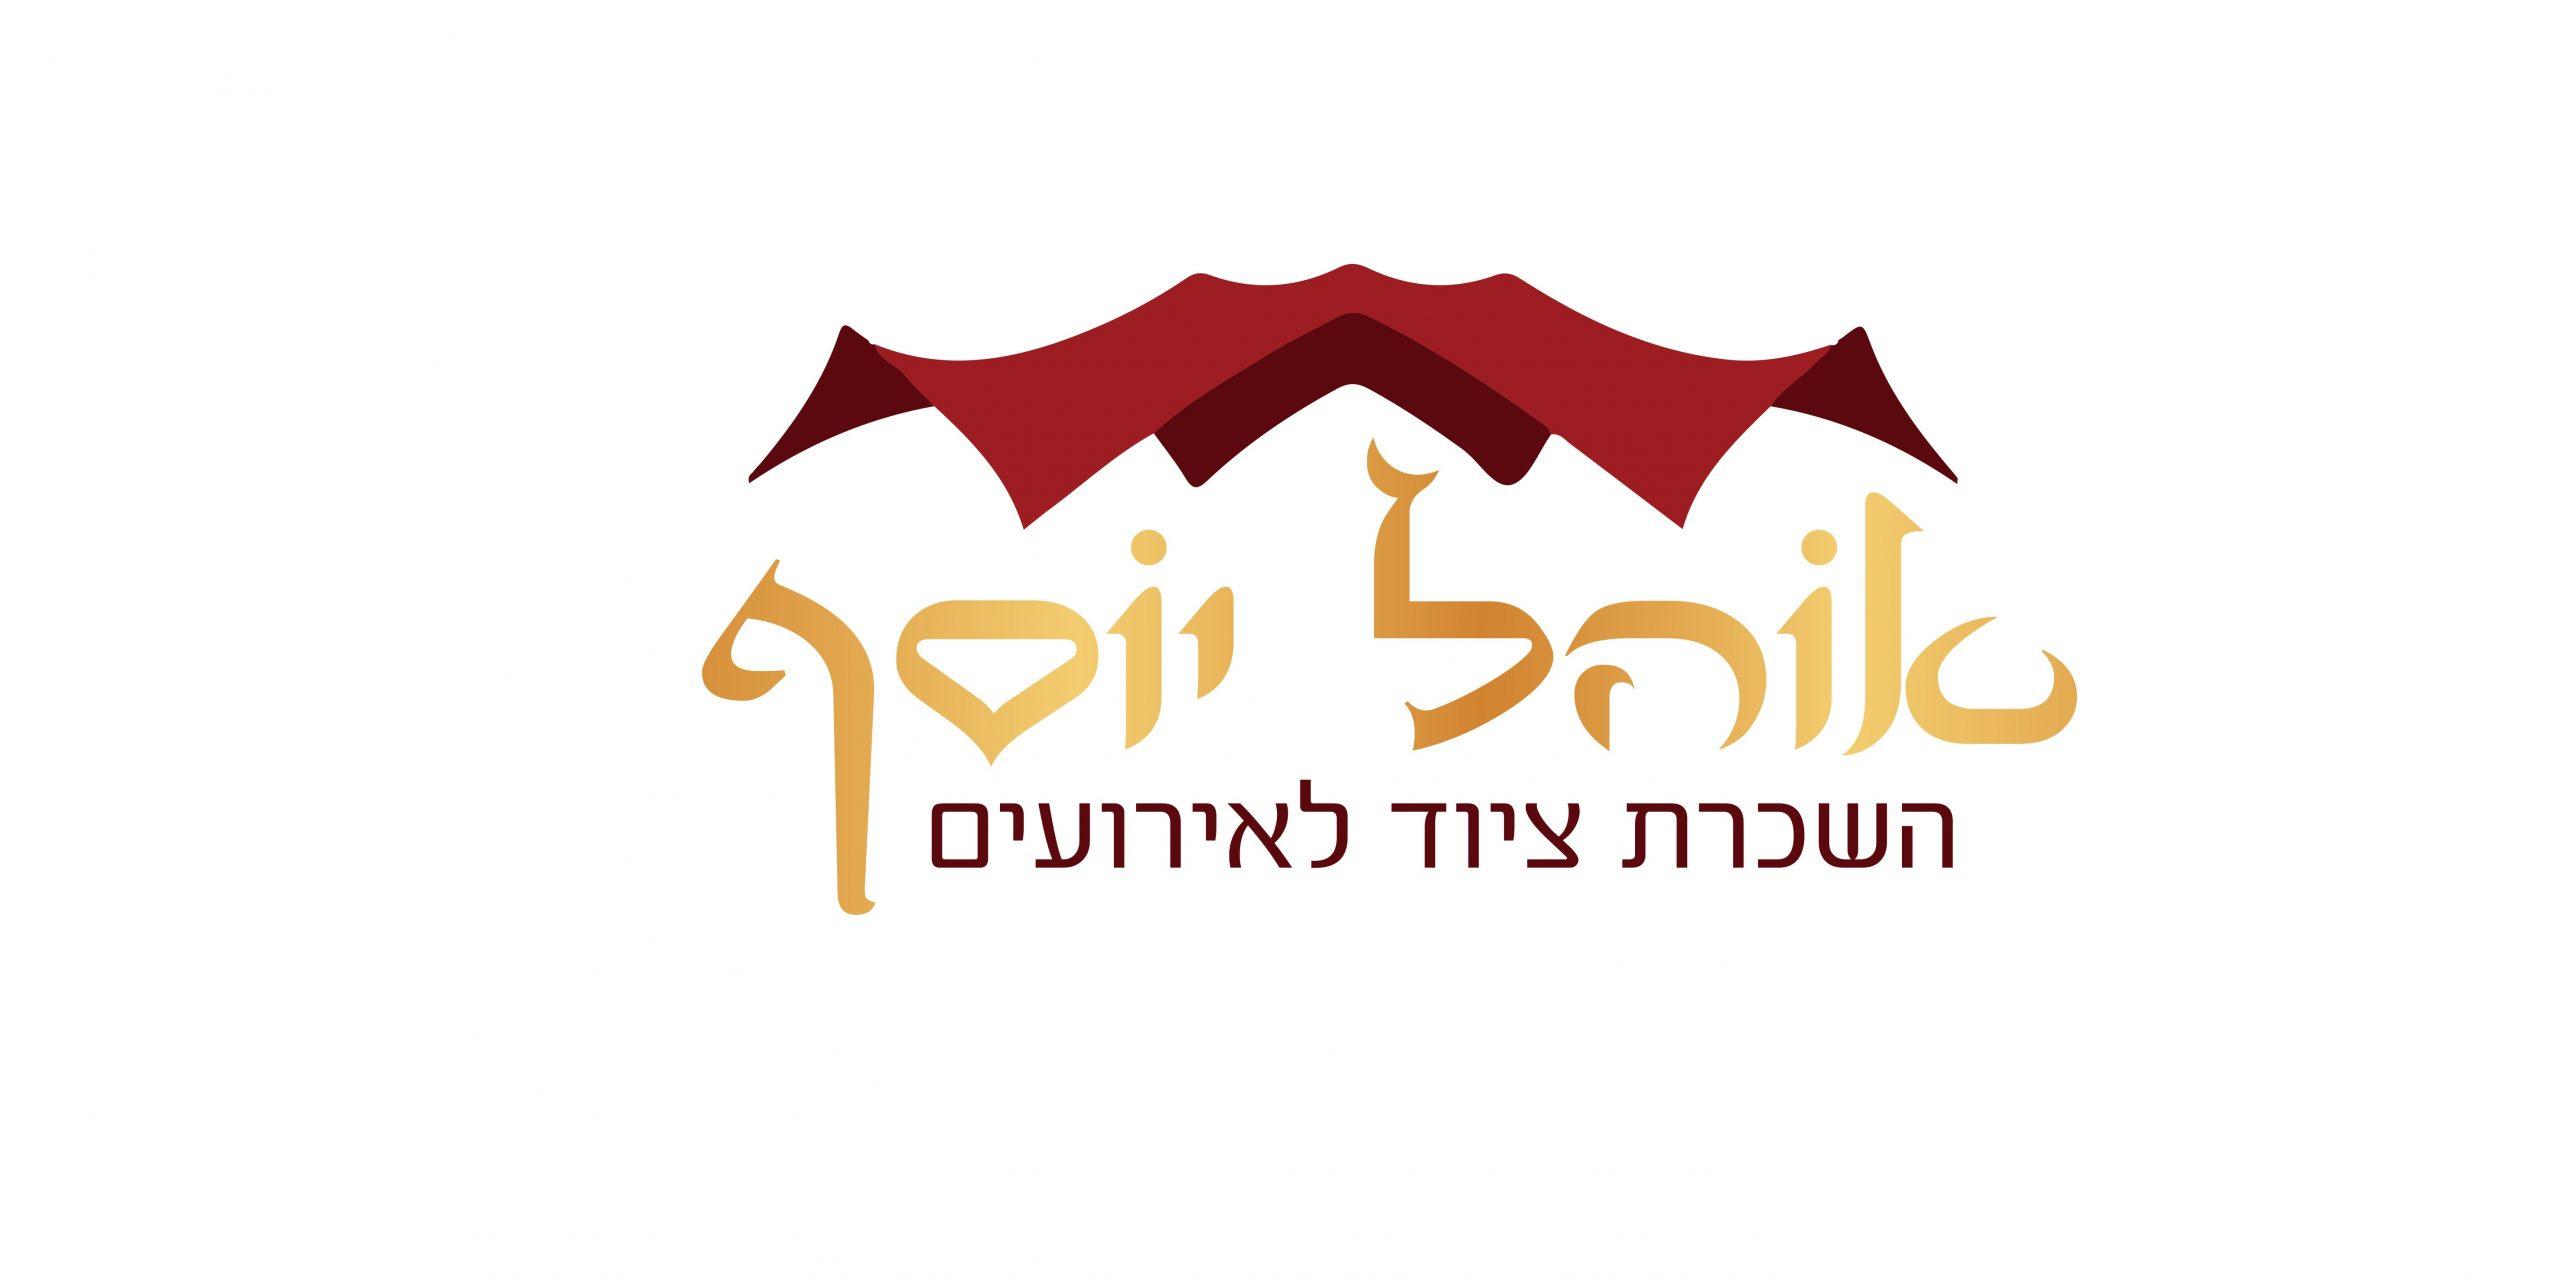 אוהל יוסף